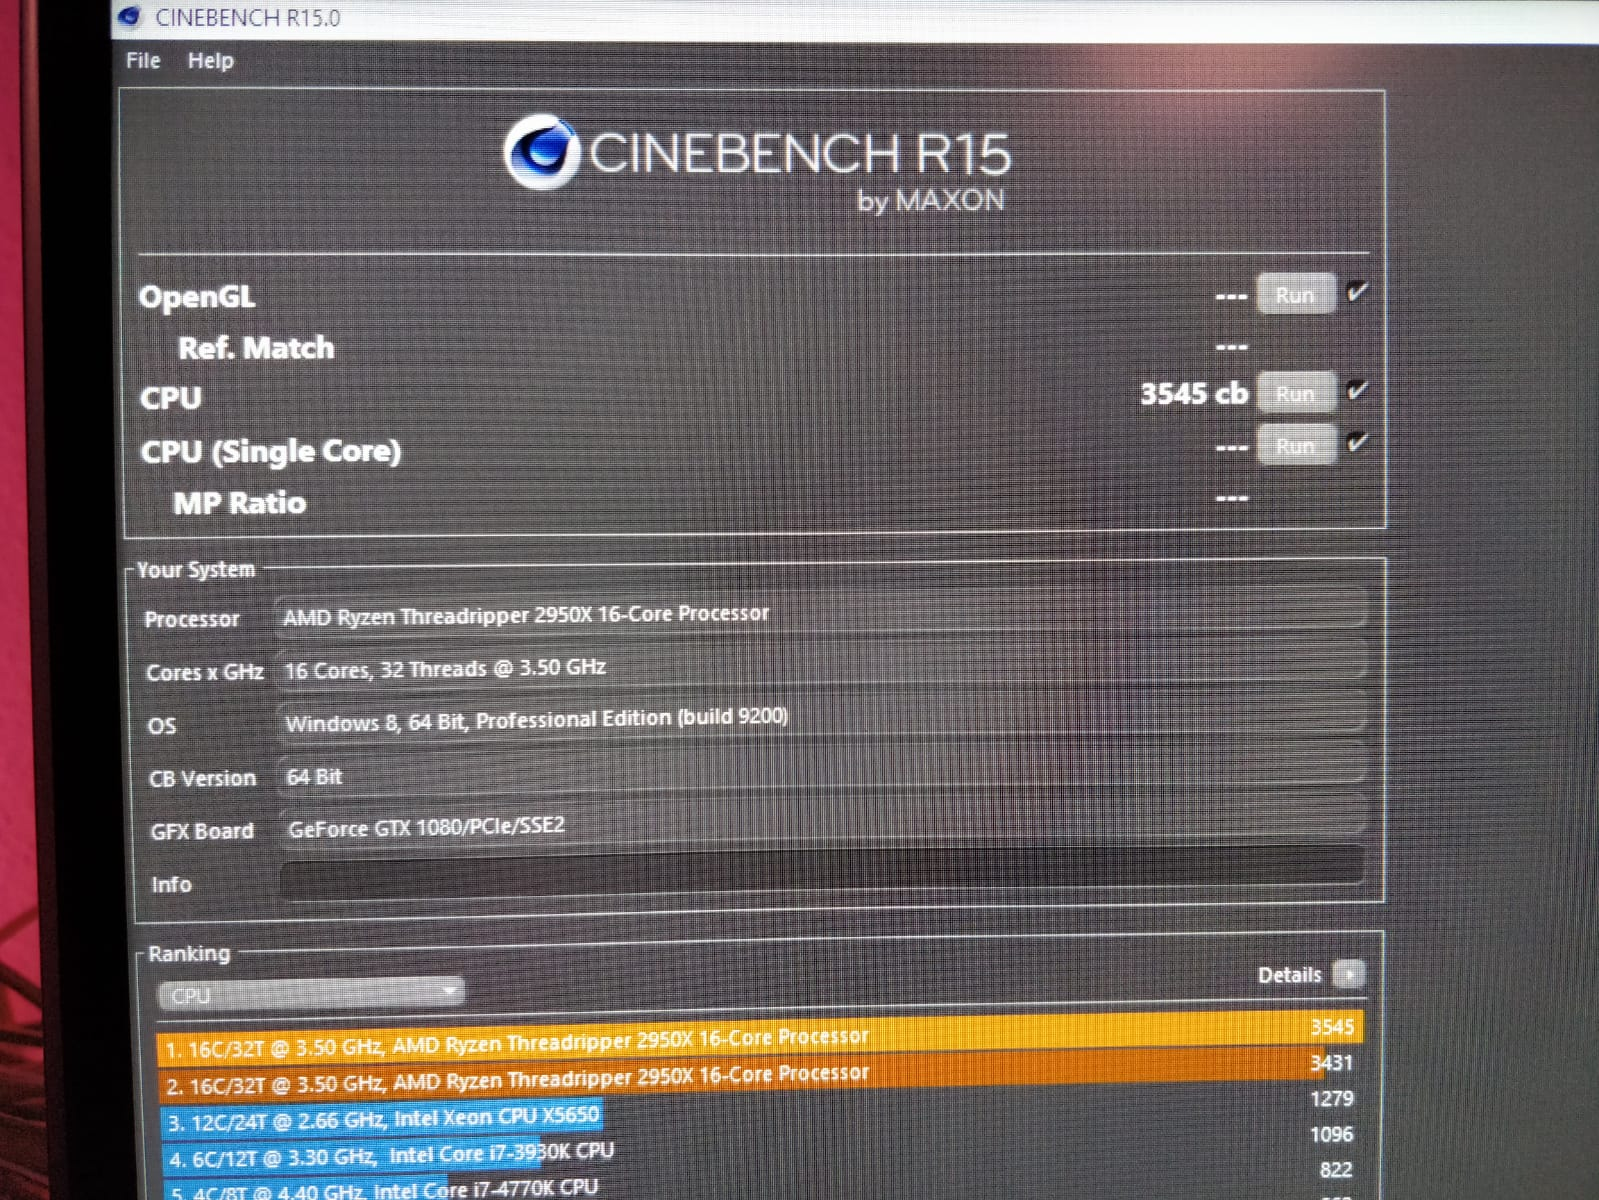 AMD Ryzen Threadripper 2950X Overclocking @ [H] | Page 2